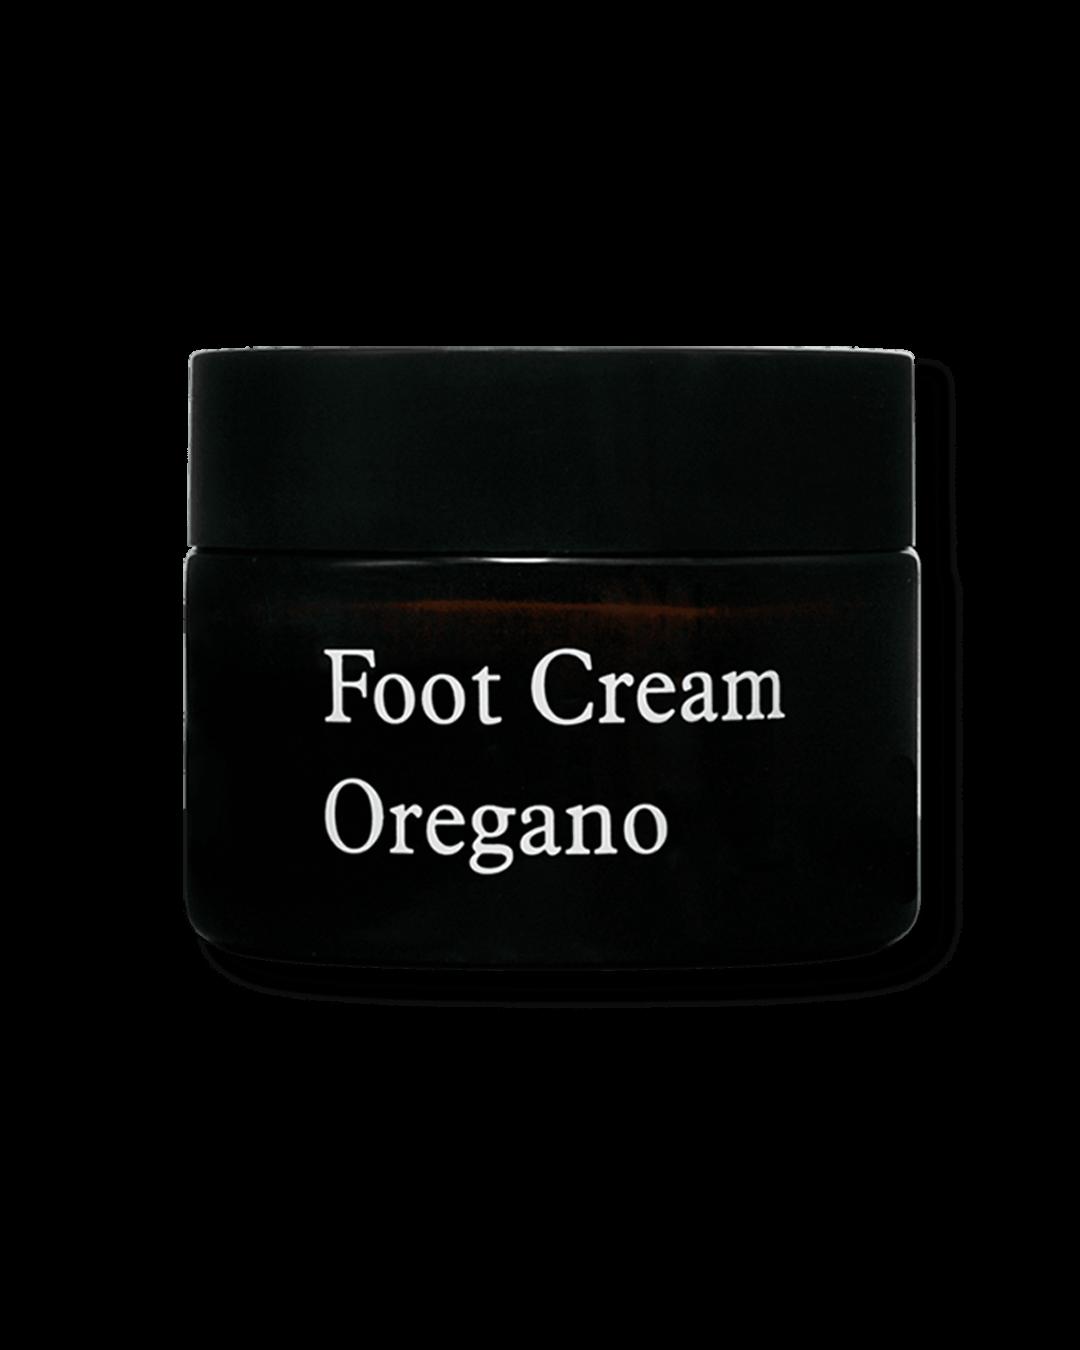 Foot Cream Oregano